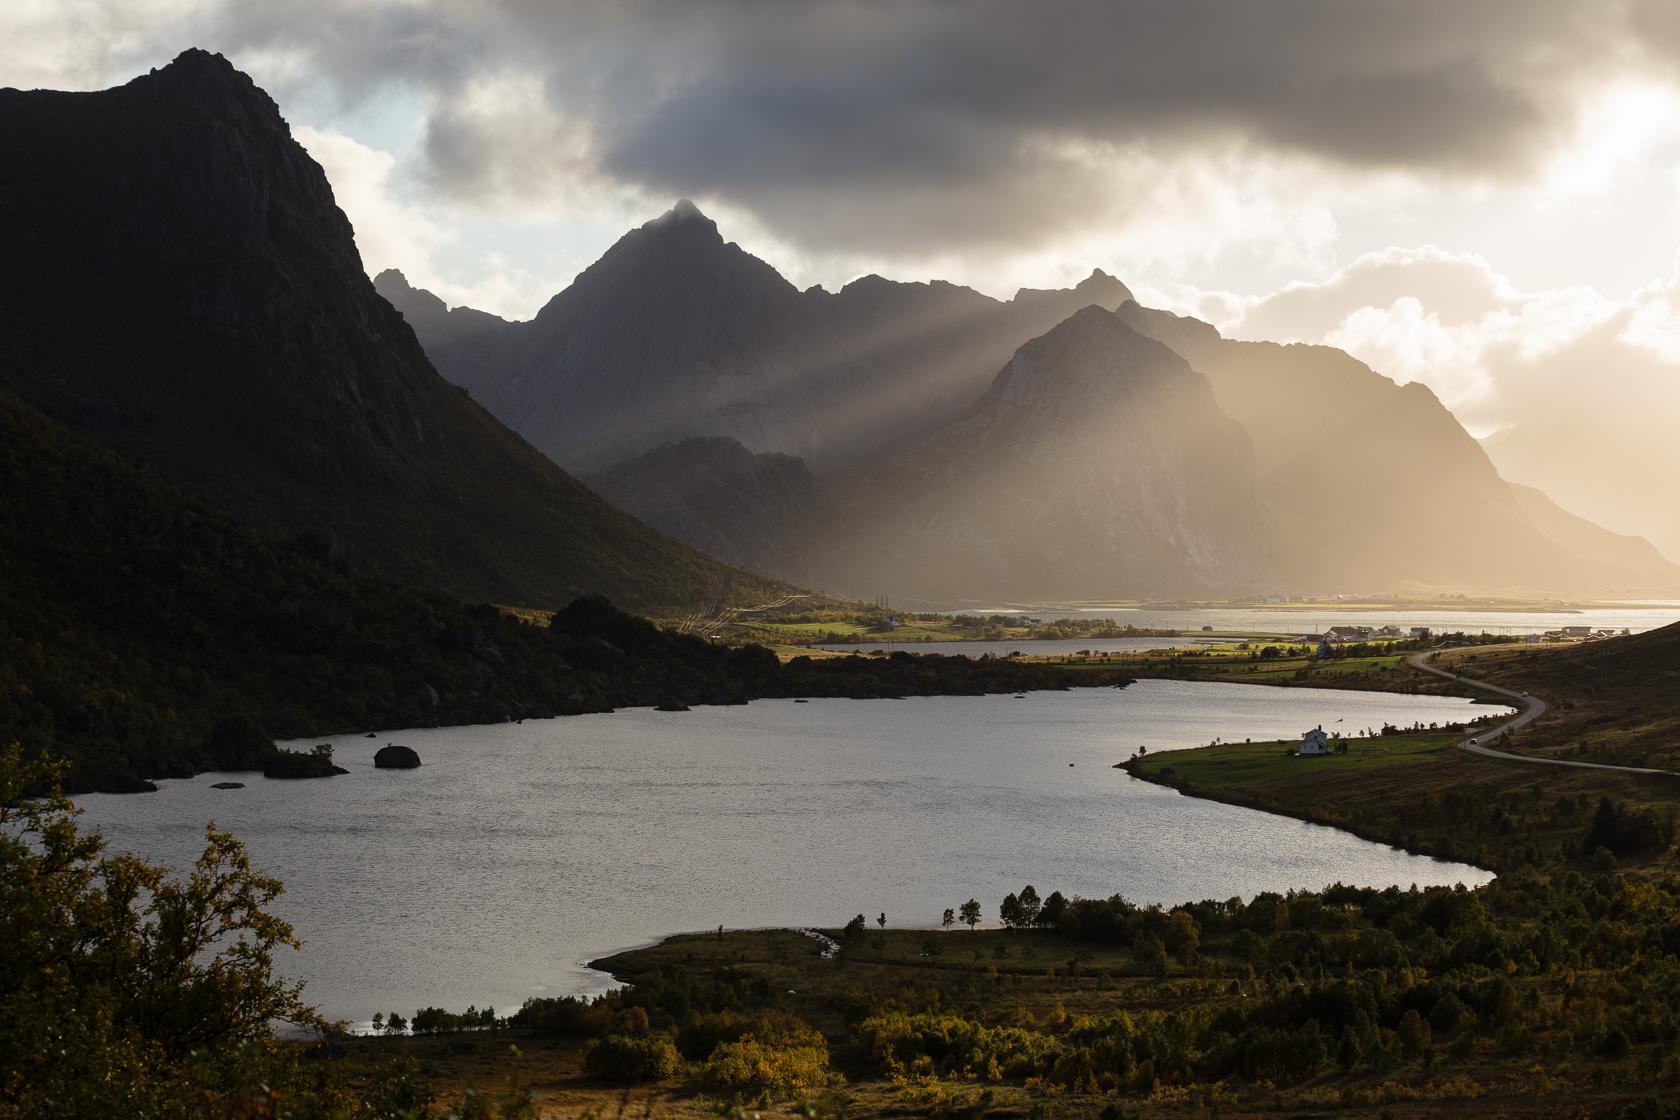 paysage depuis le nappskaret pendant le voyage photo couleurs d'automne dans les Lofoten, en Norvège